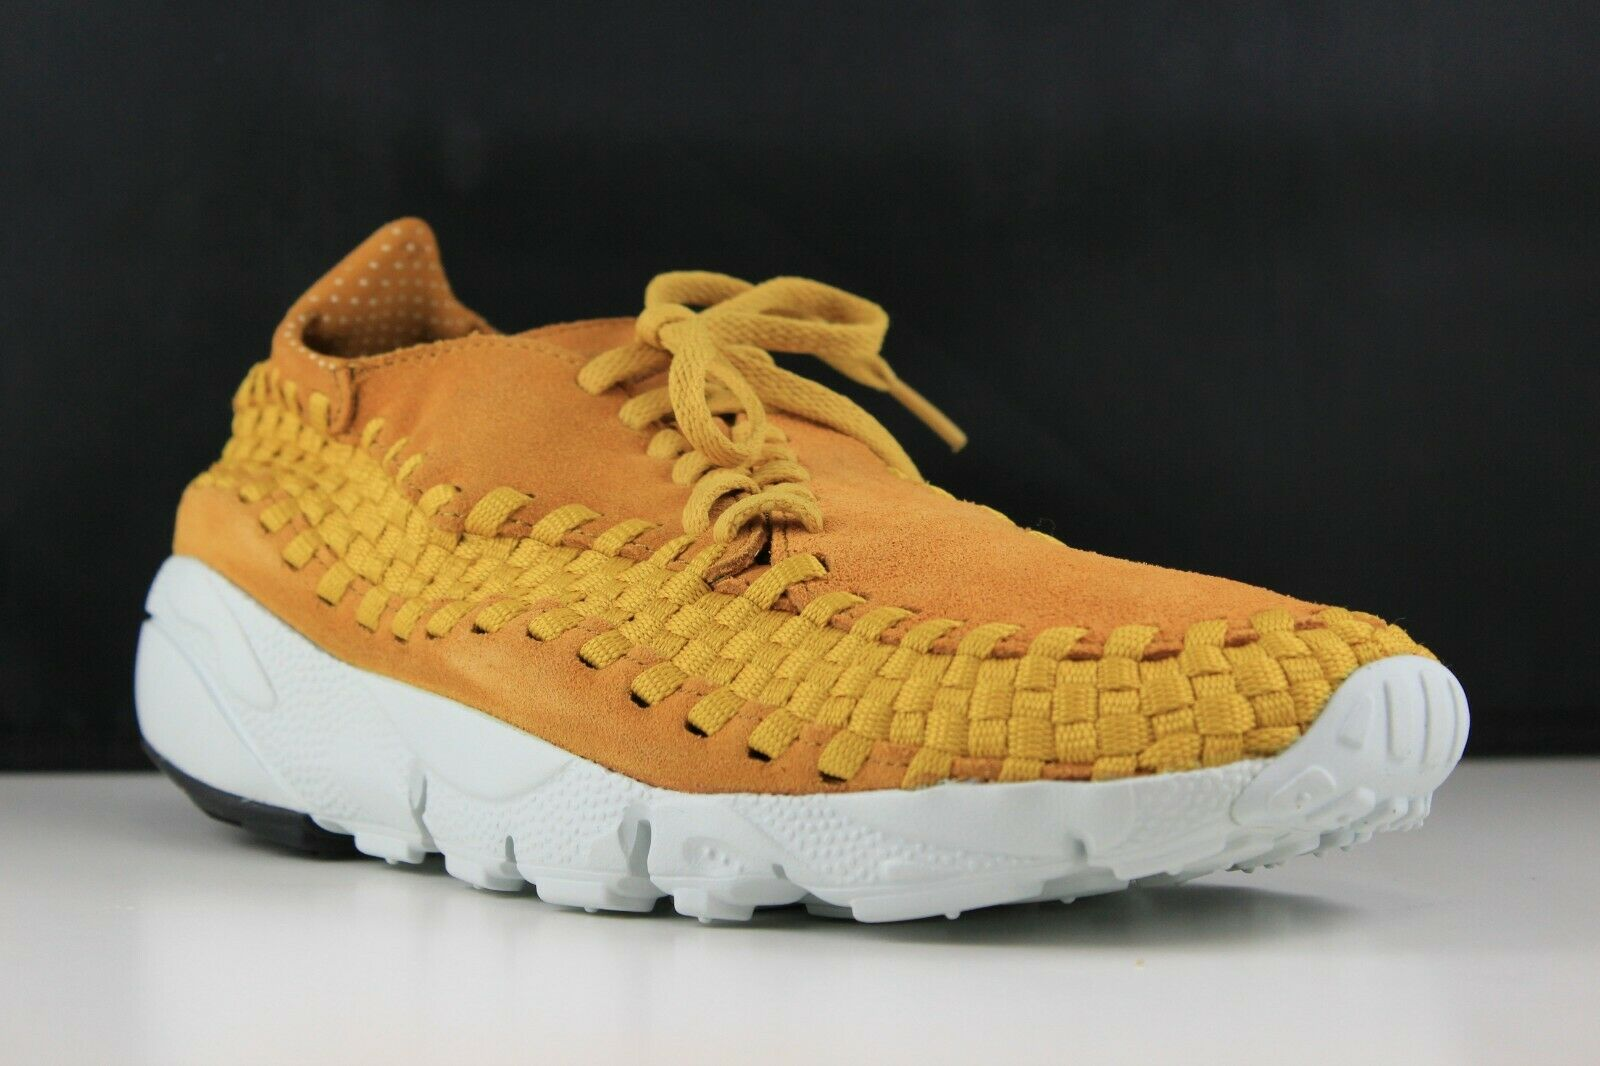 Nike Air Footscape Woven NM 875797-700 Size Size Size 9 Desert Ochre Desert Ochre e8d4bd